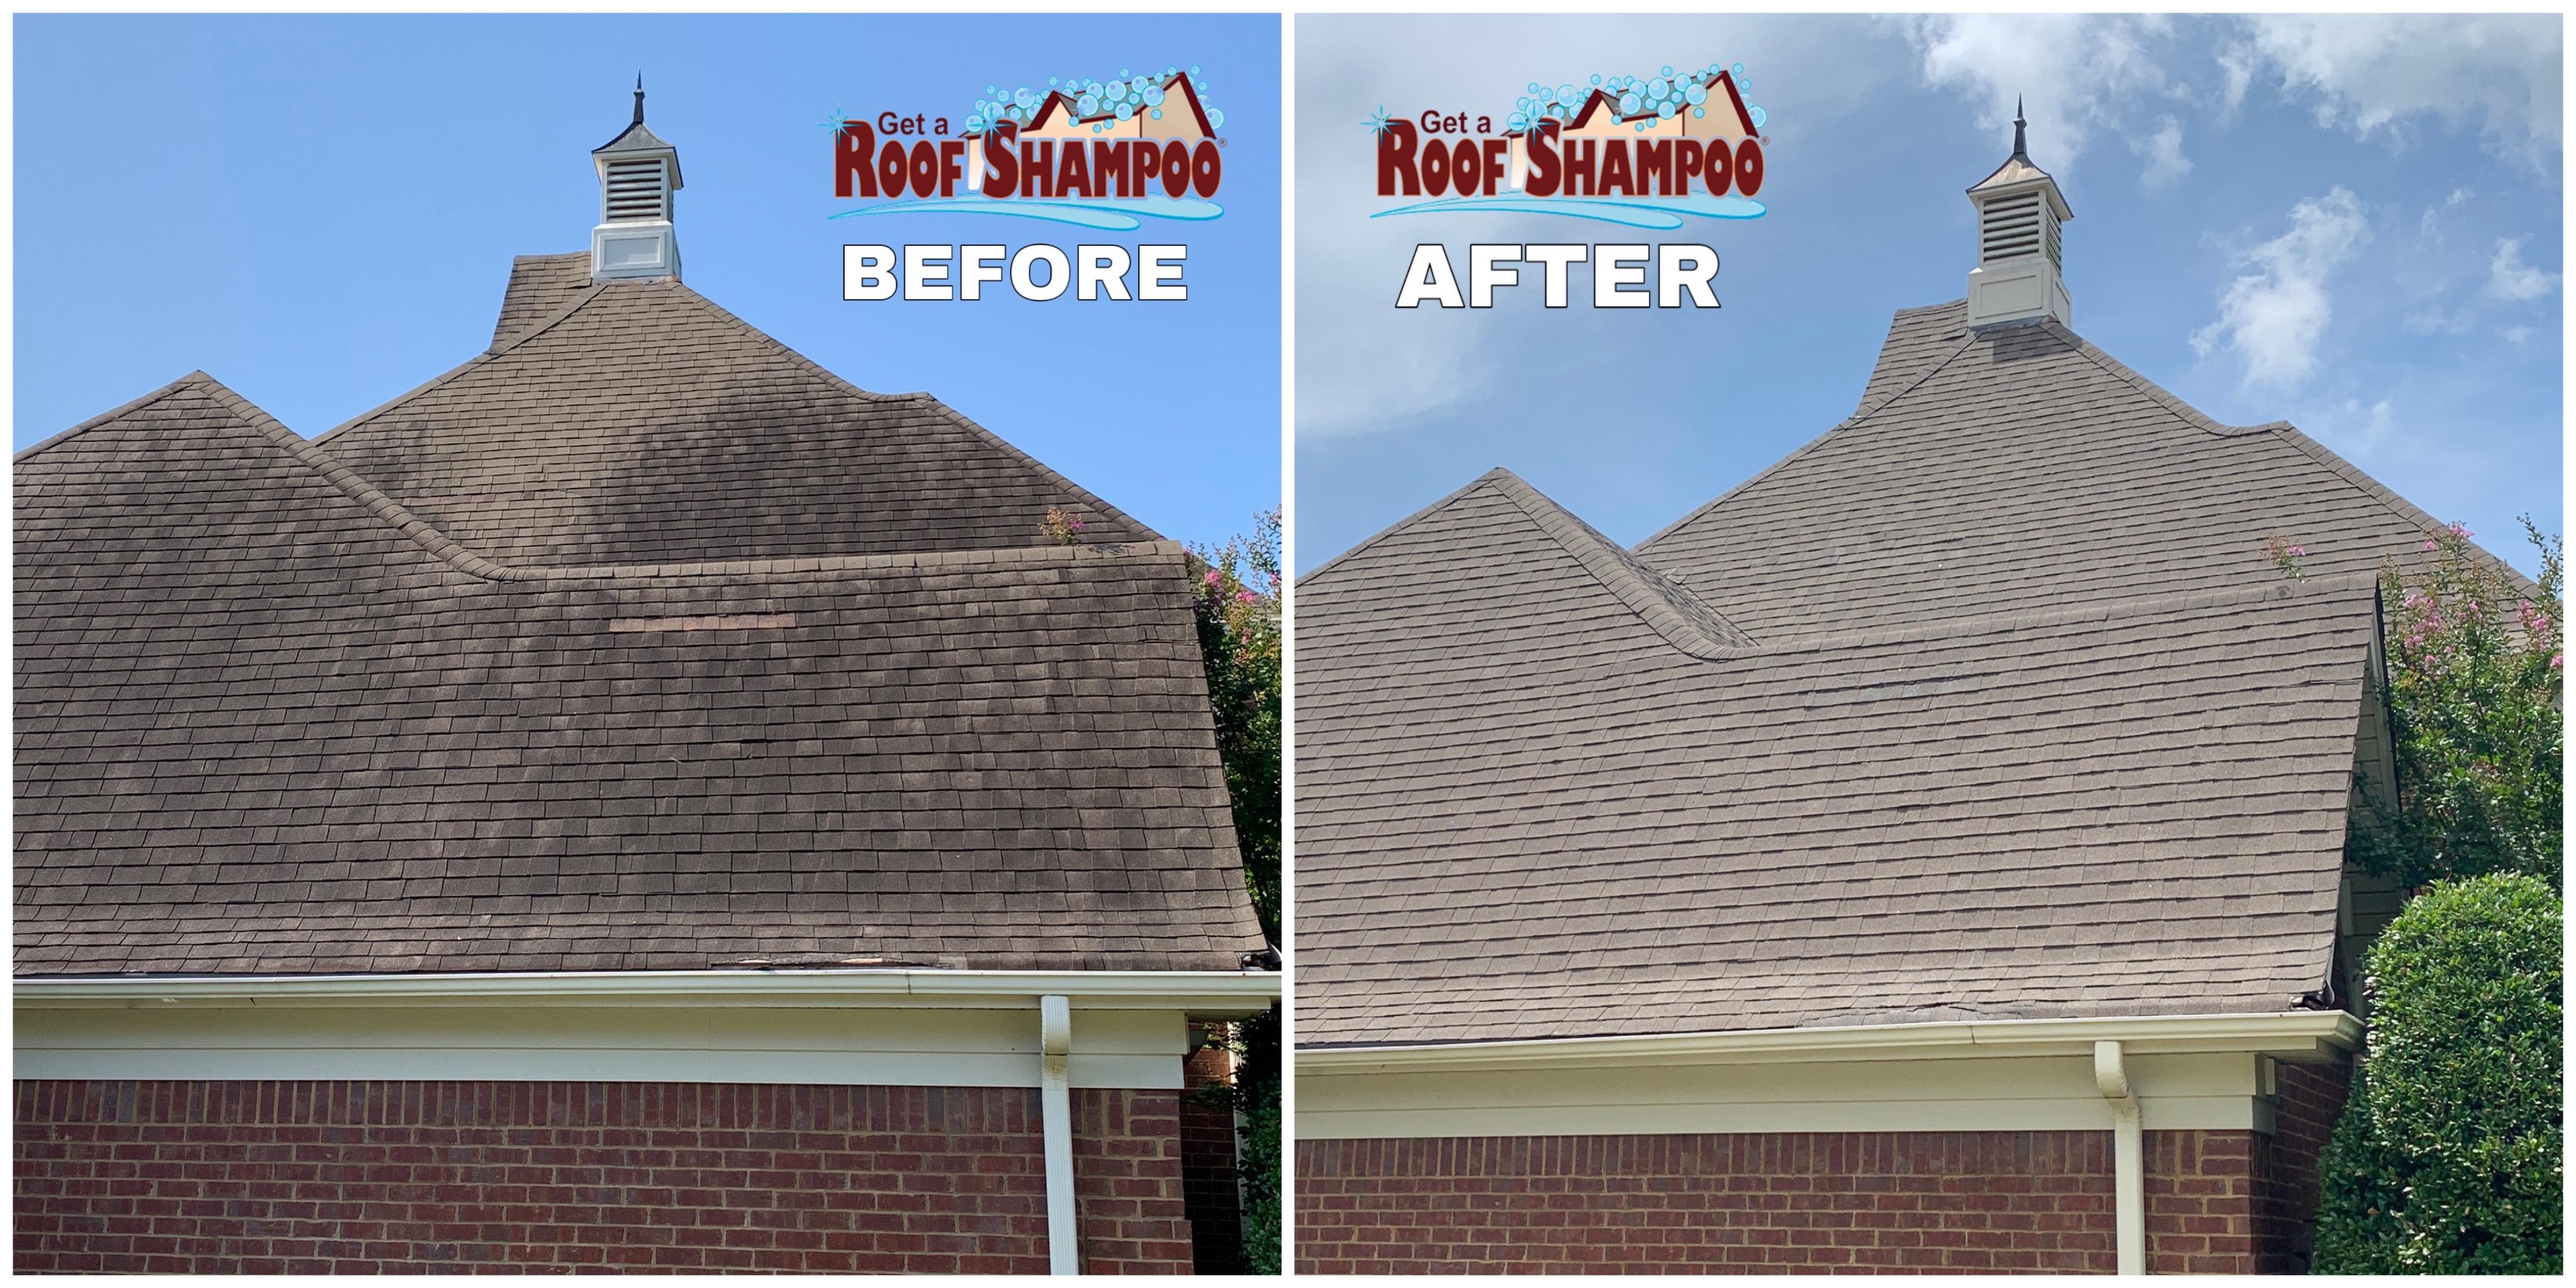 Roof Shampoo